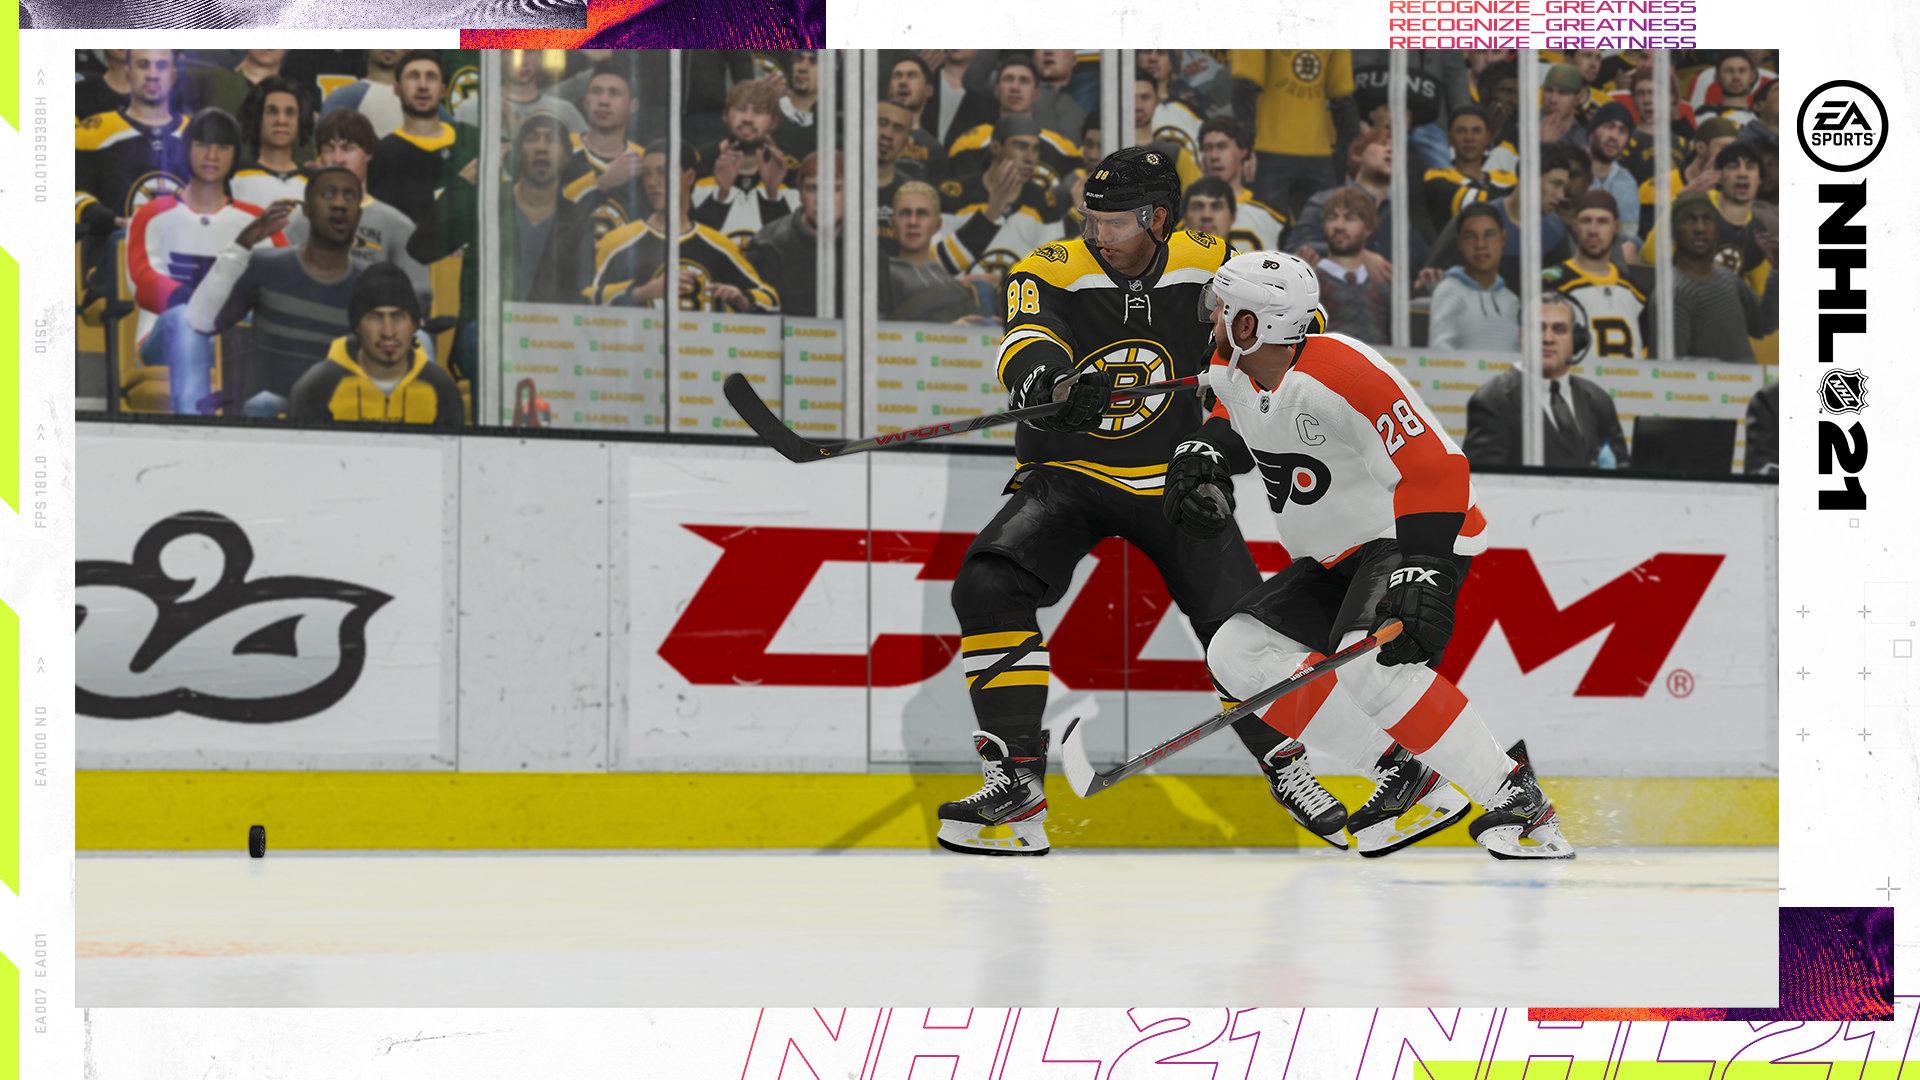 Quelle: EA - NHL 21